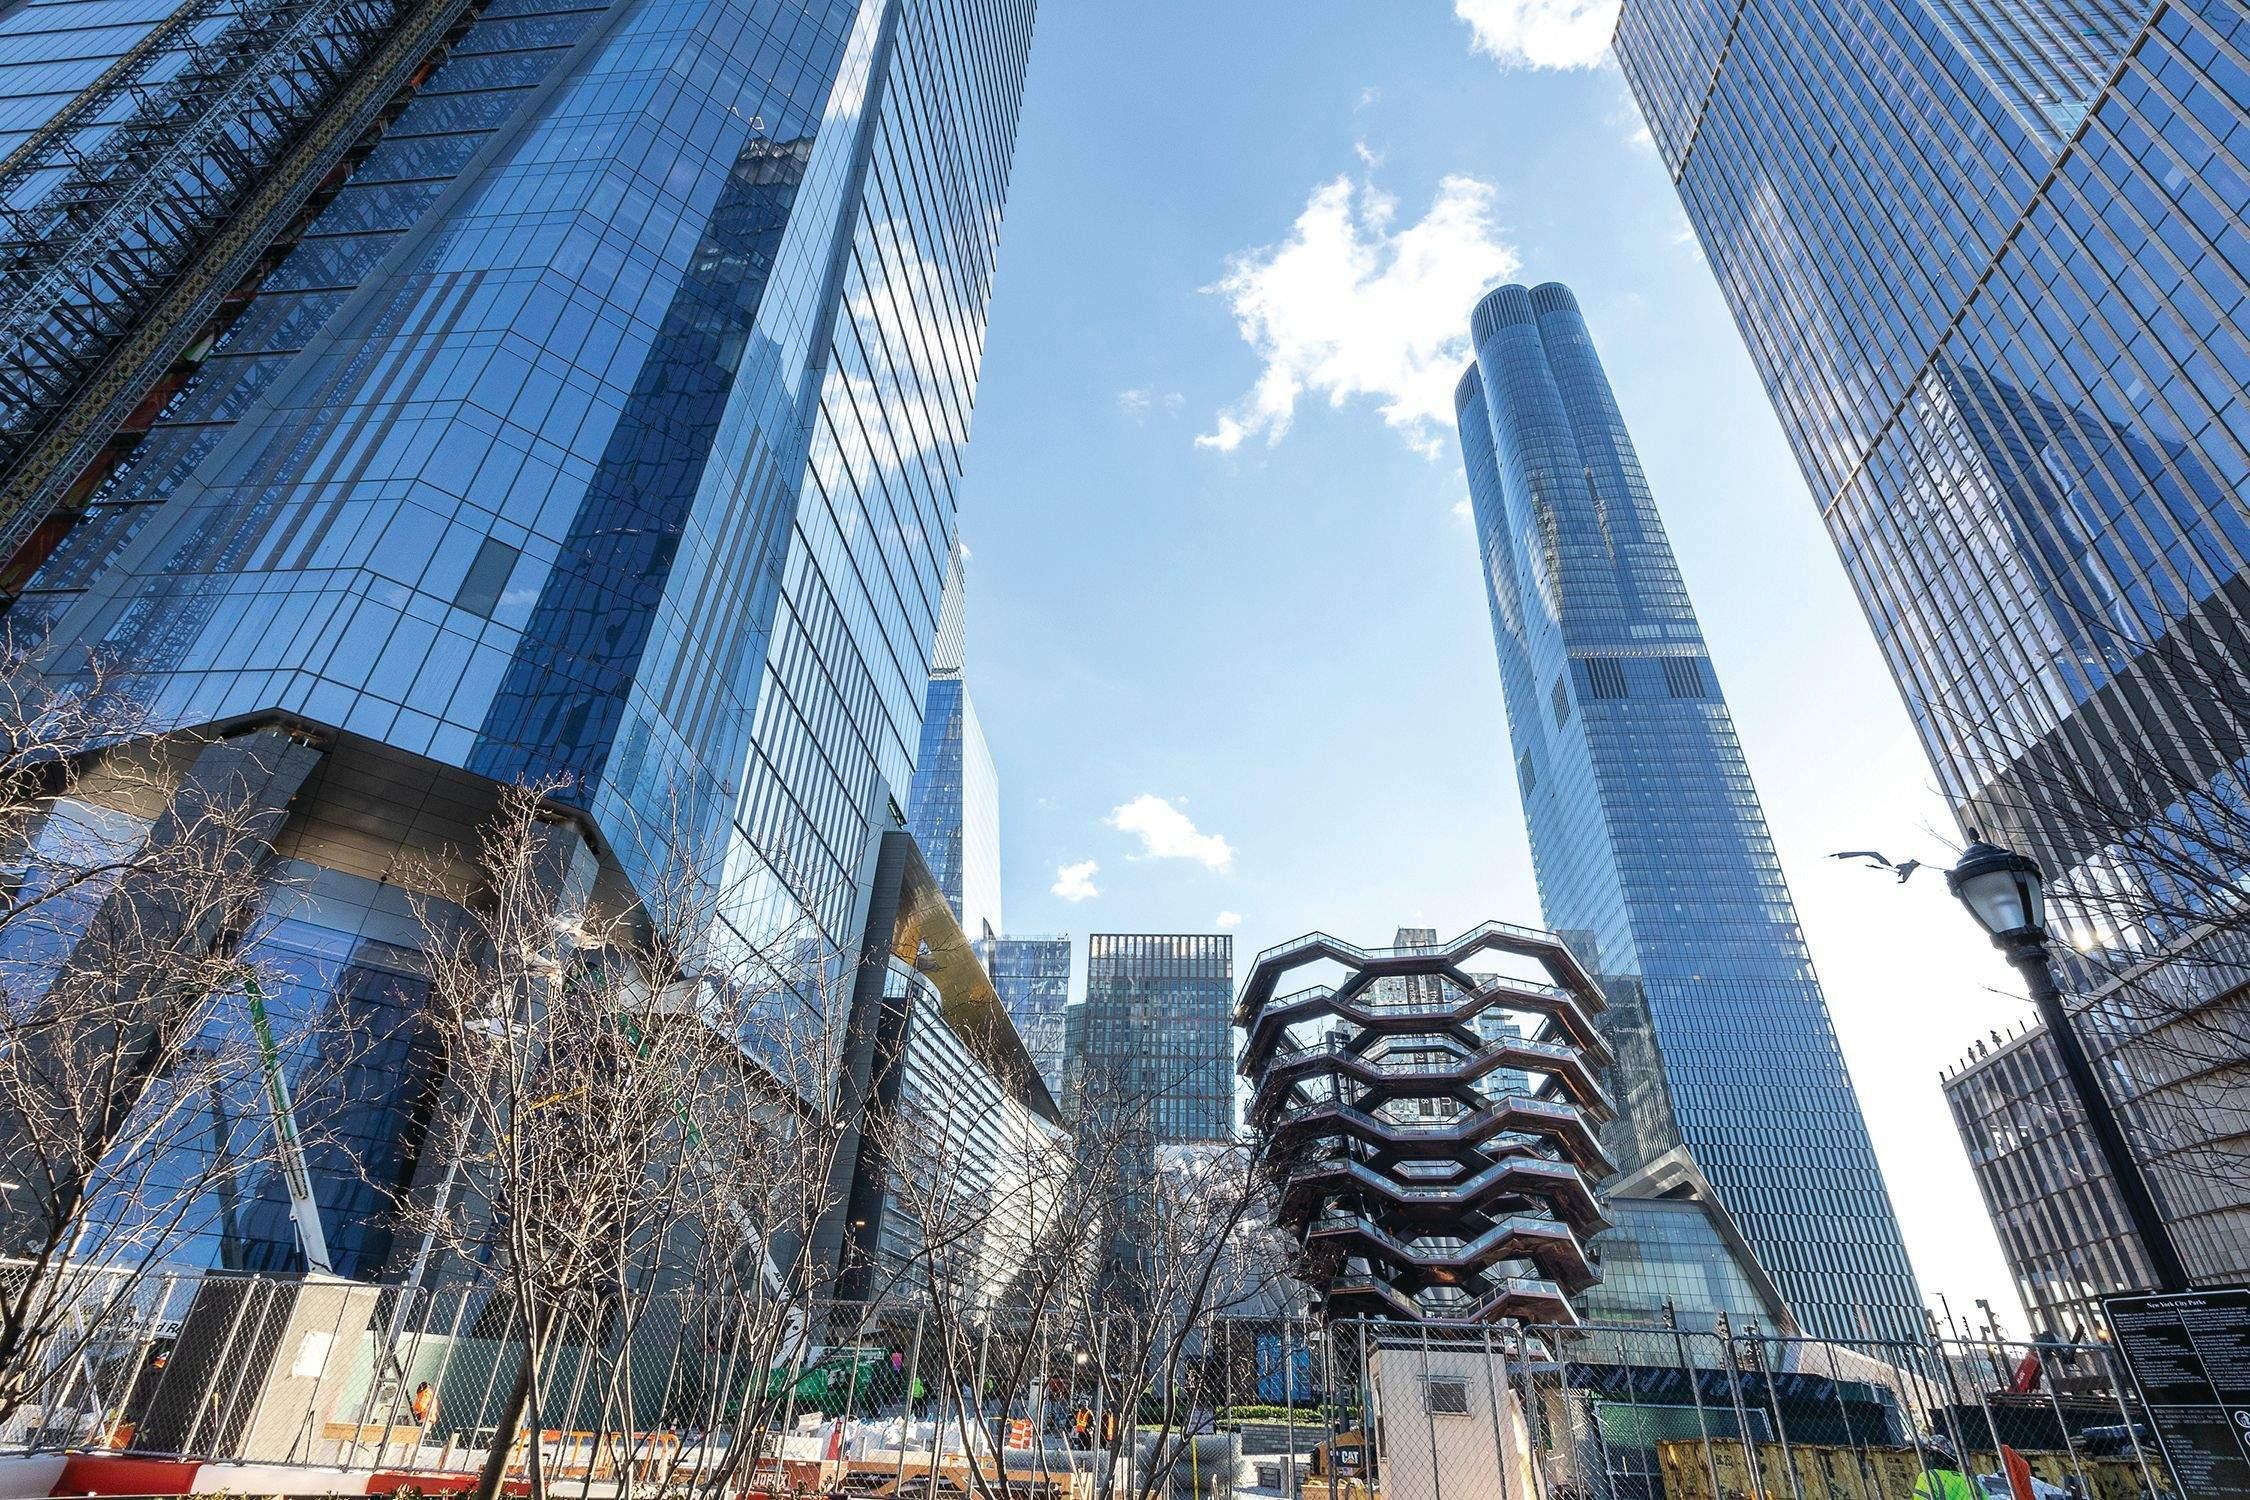 Кінцева вартість проєкту оцінюється у 200 мільйонів доларів / Фото The New York Times